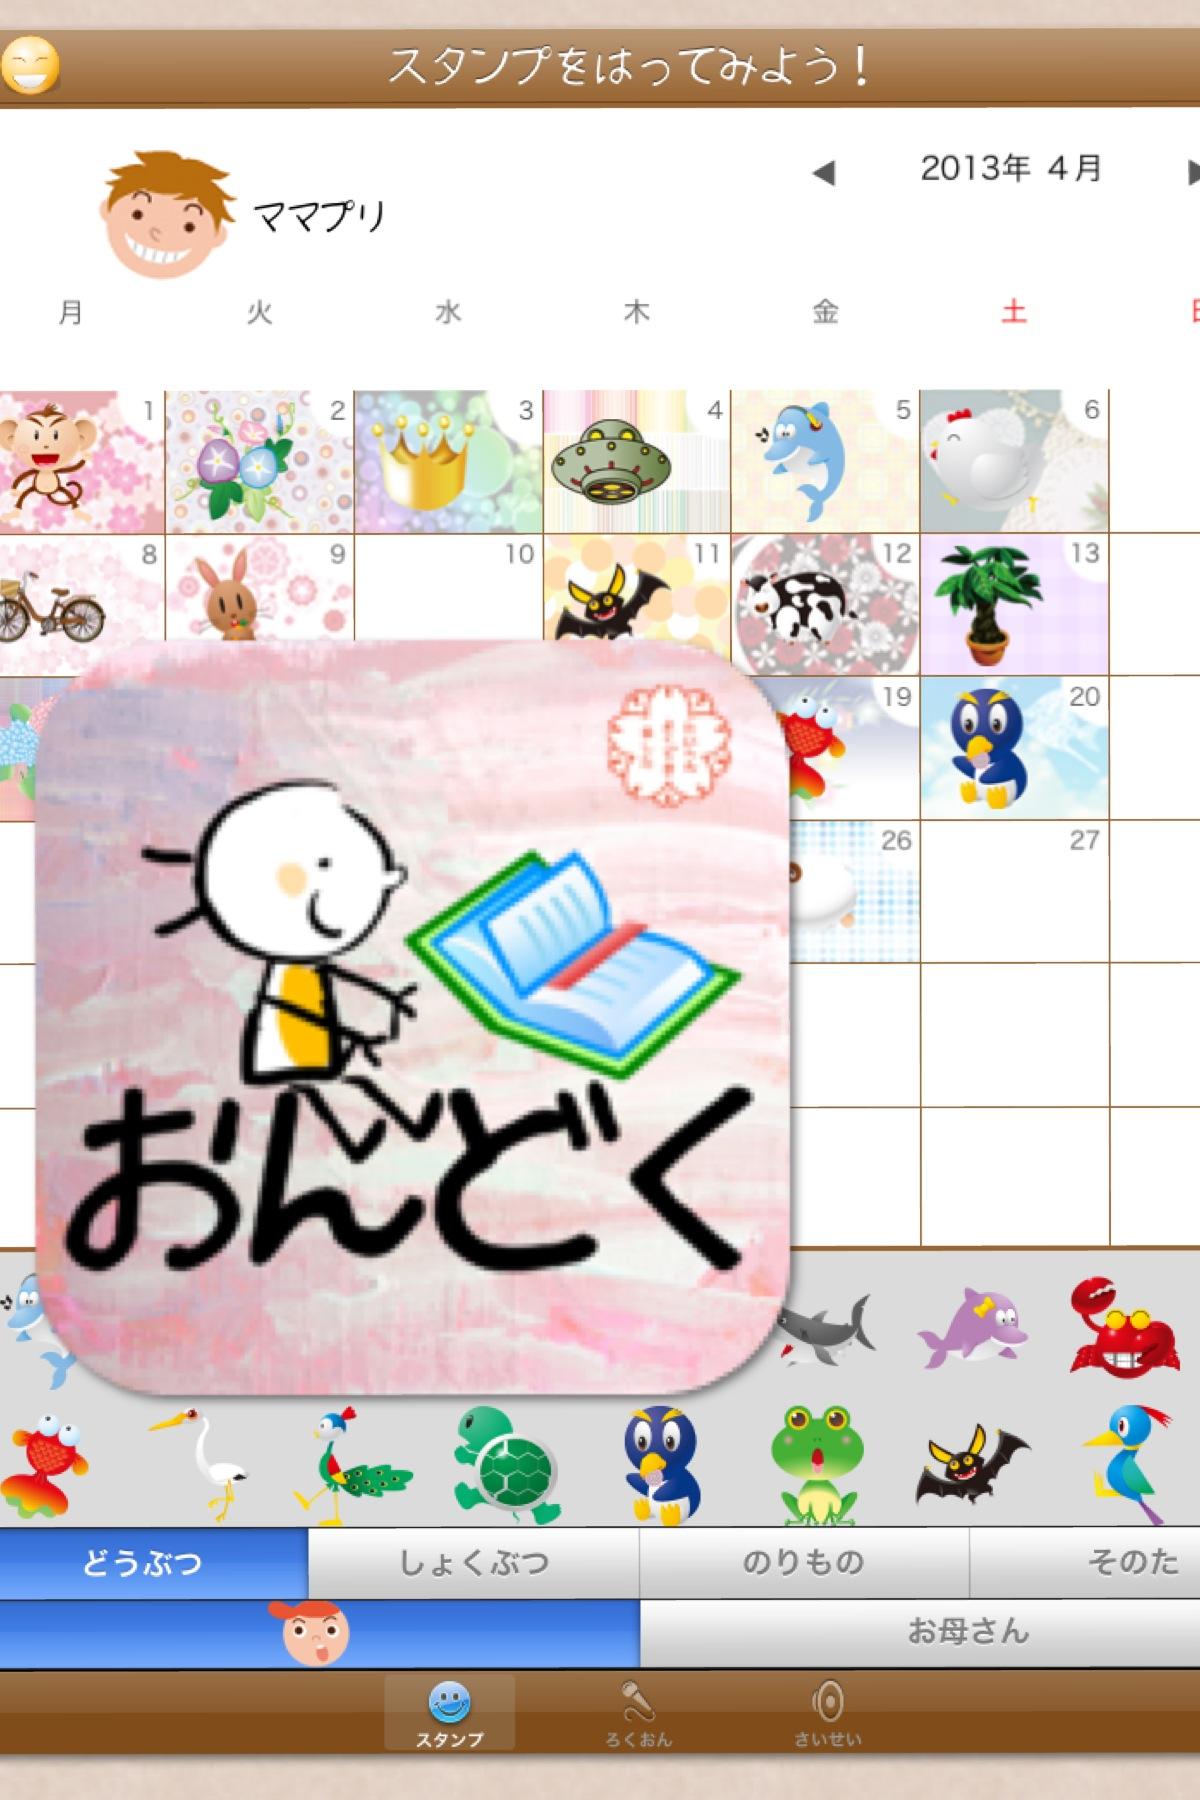 【ママプリ】 iPadアプリ「おんどく!~ママとぼくの音読カレンダー」 ~ ママプリプロジェクト第2弾アプリ!4月21日(日)まで期間限定で無料 ~